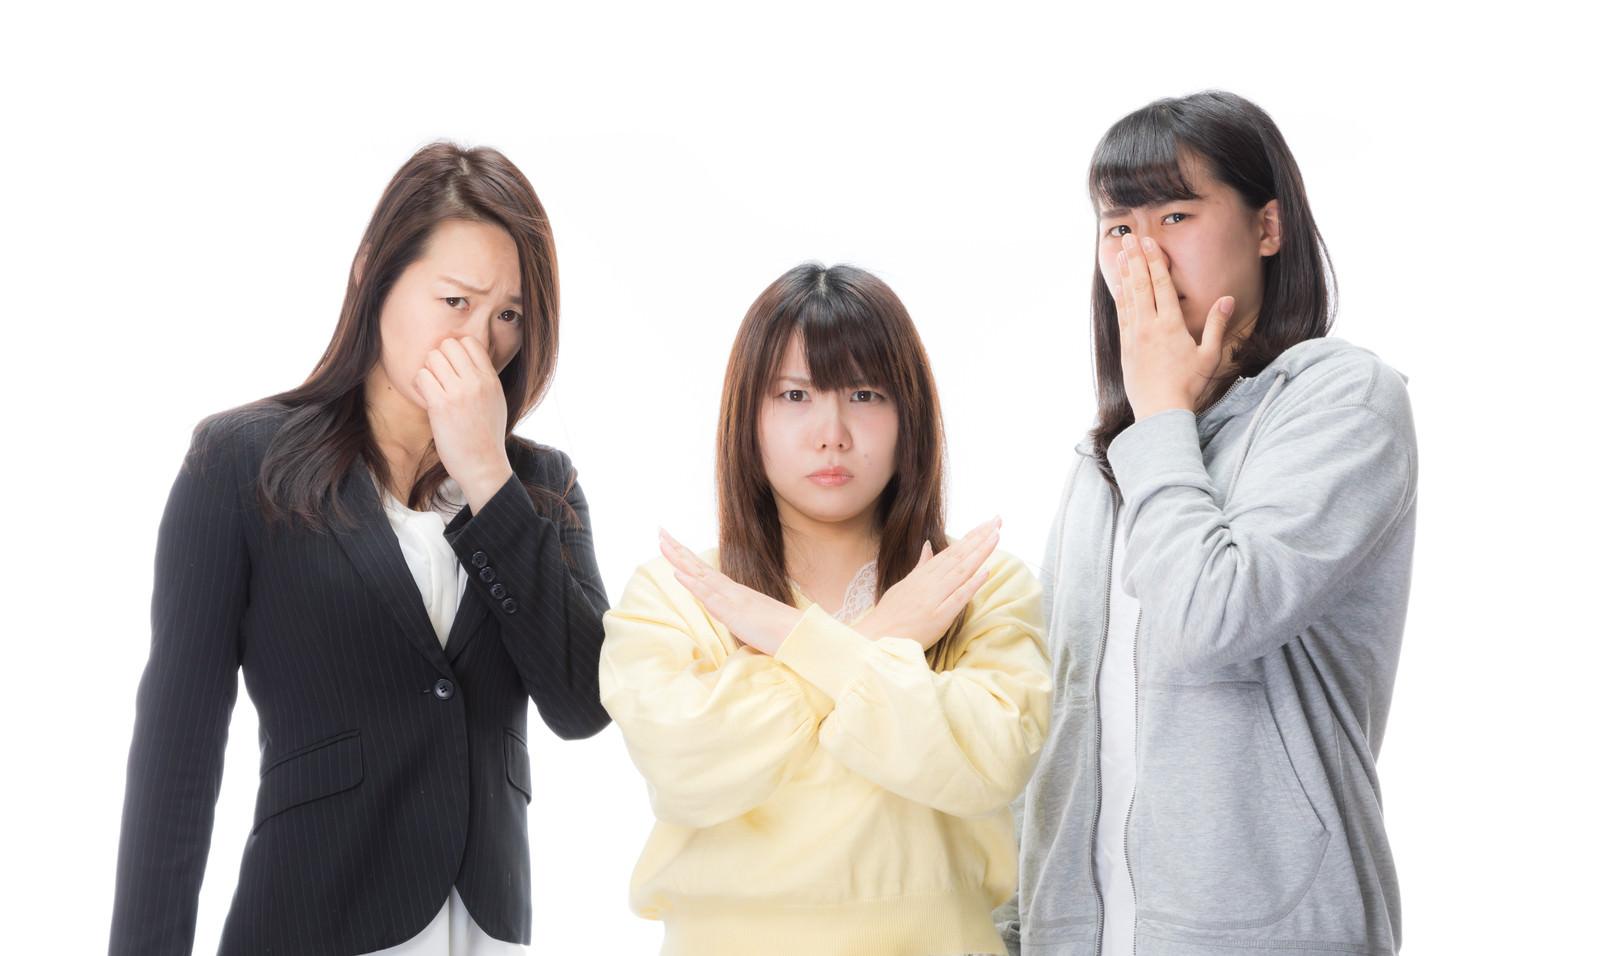 「不潔はダメゼッタイ」の写真[モデル:Lala Mizuho 土本寛子]